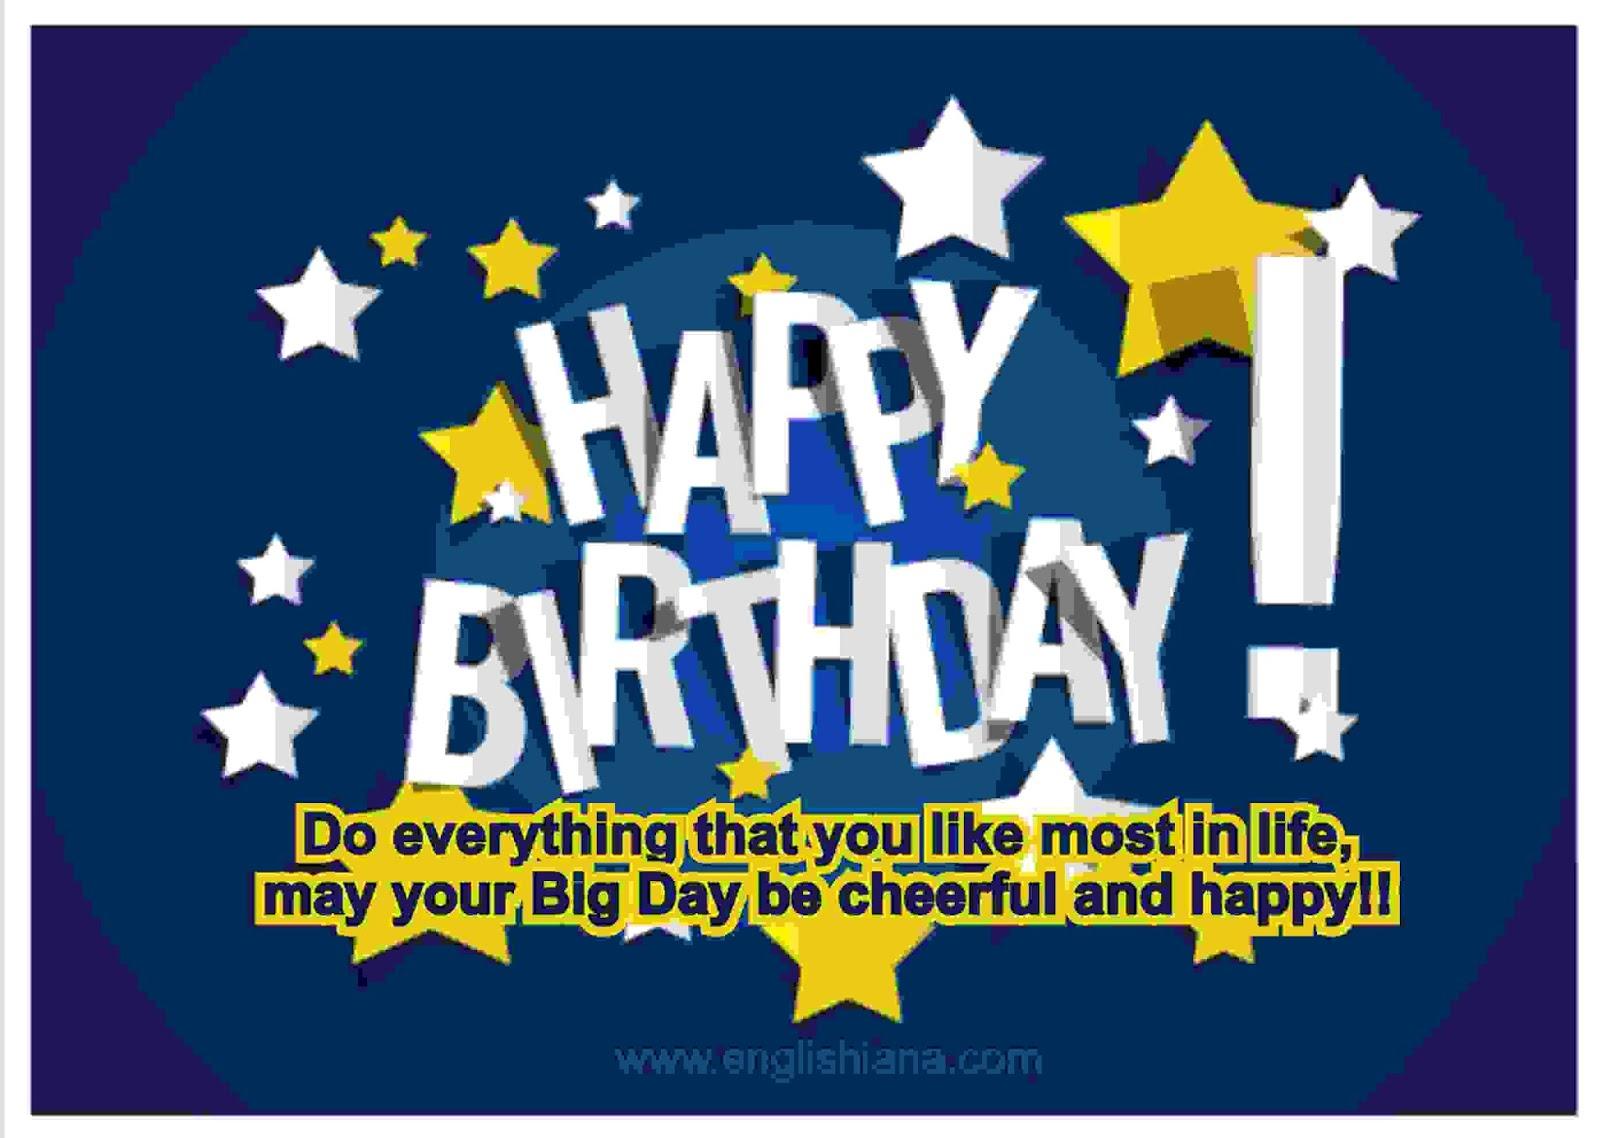 25 contoh kartu ucapan selamat ulang tahun dalam bahasa inggris dan 25 contoh kartu ucapan selamat ulang tahun m4hsunfo